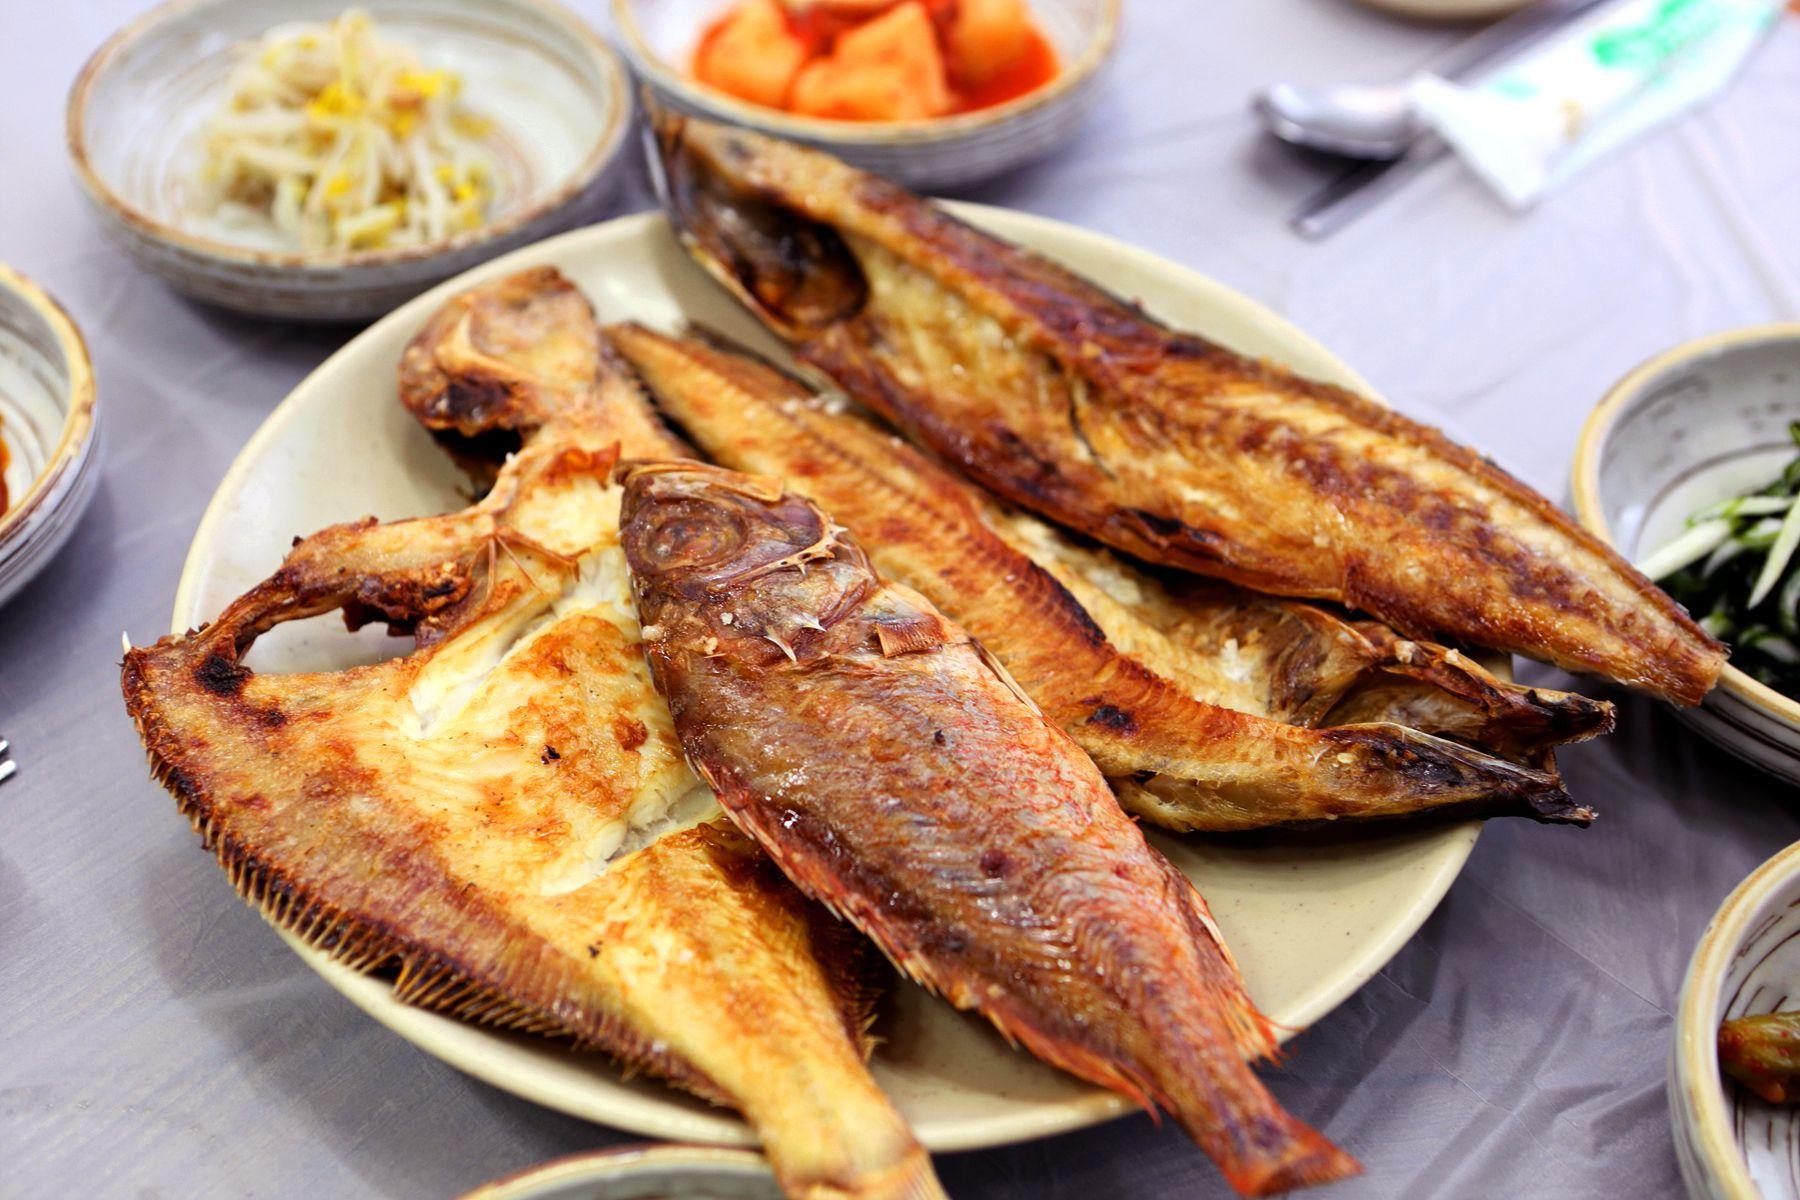 Сэнсон гуи – рыба, приготовленная на огне